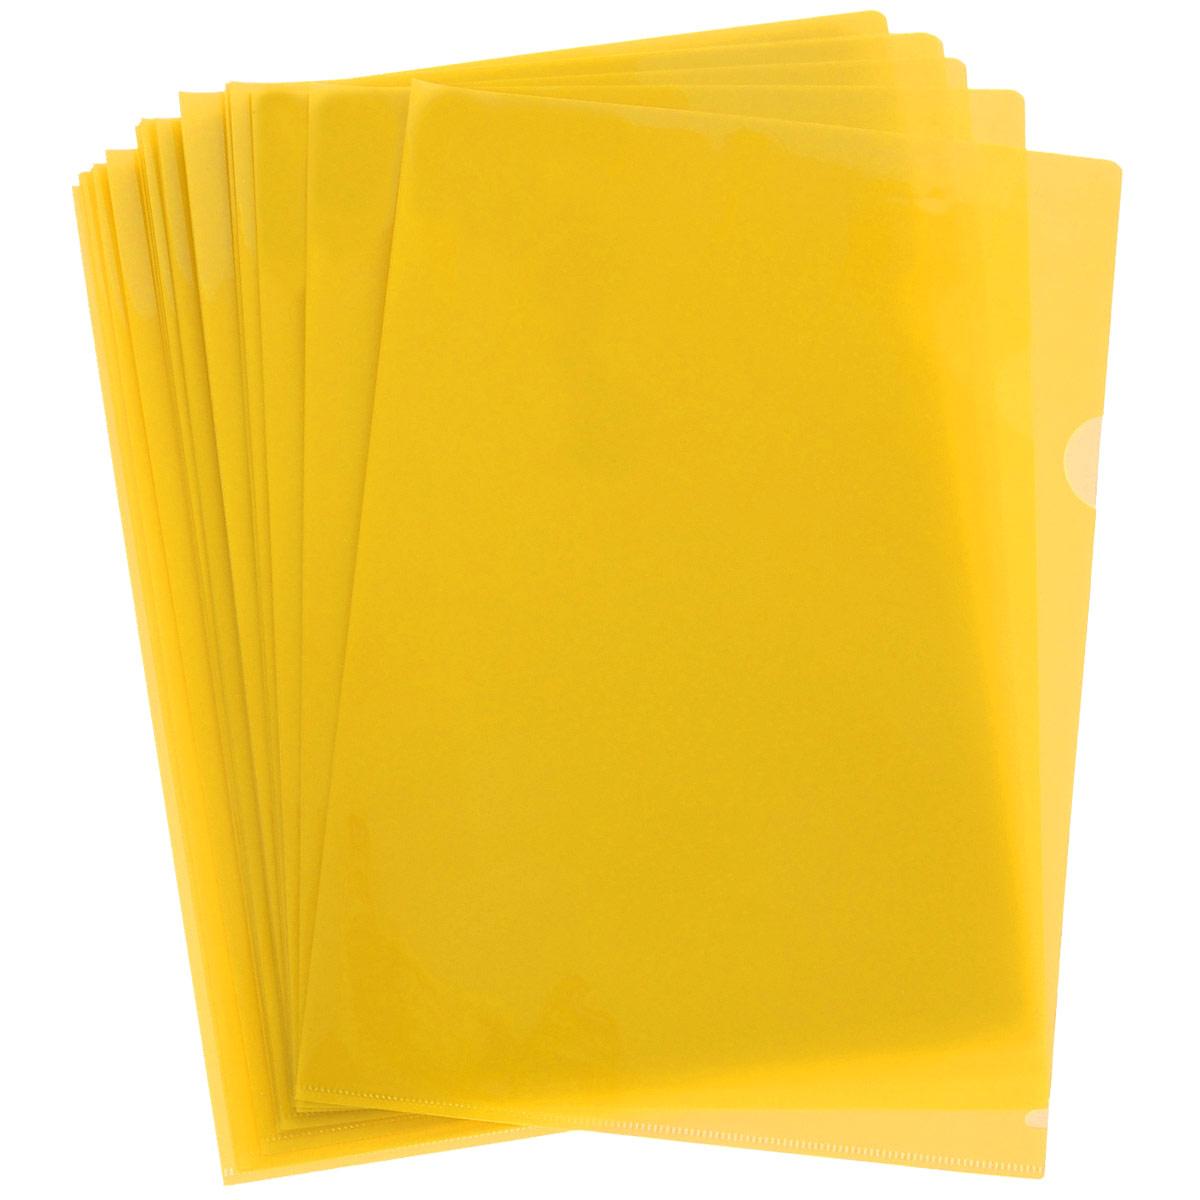 Папка-уголок Sponsor, цвет: желтый. Формат А4, 20 шт80900ЗПапка-уголок Sponsor, изготовленная из высококачественного полипропилена, это удобный и практичный офисный инструмент, предназначенный для хранения и транспортировки рабочих бумаг и документов формата А4. Полупрозрачная глянцевая папка имеет опрятный и неброский вид. В наборе - 20 папок.Папка-уголок - это незаменимый атрибут для студента, школьника, офисного работника. Такая папка надежно сохранит ваши документы и сбережет их от повреждений, пыли и влаги.Комплектация: 20 шт.